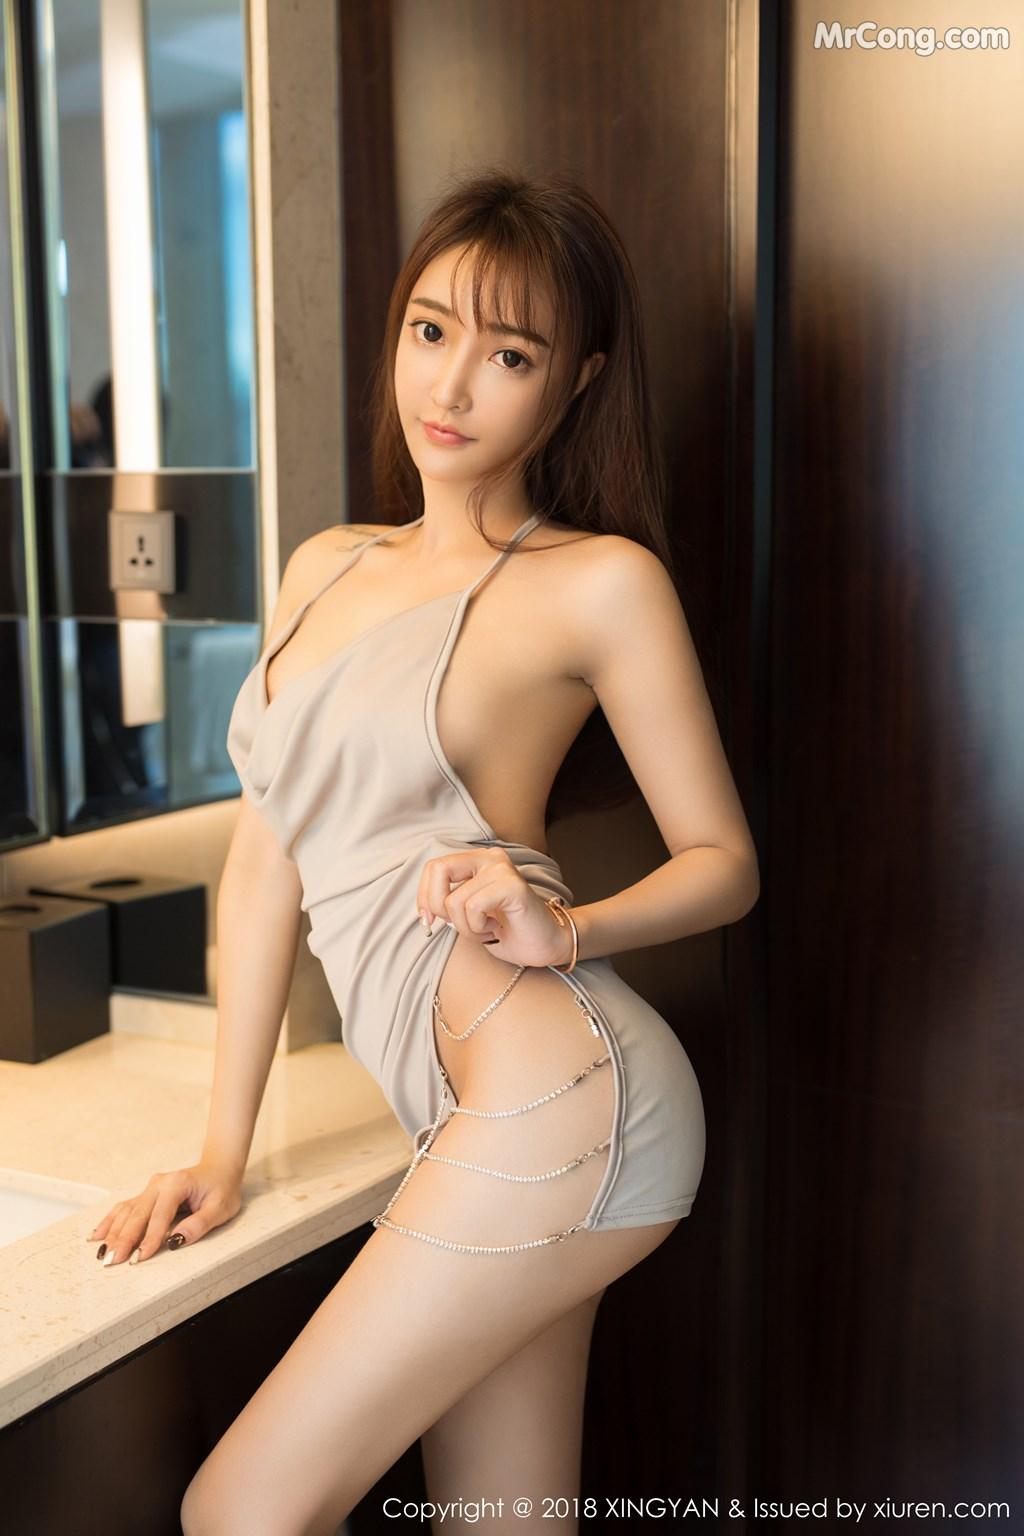 Image XingYan-Vol.090-Angel-MrCong.com-001 in post XingYan Vol.090: Người mẫu 安安Angel (41 ảnh)